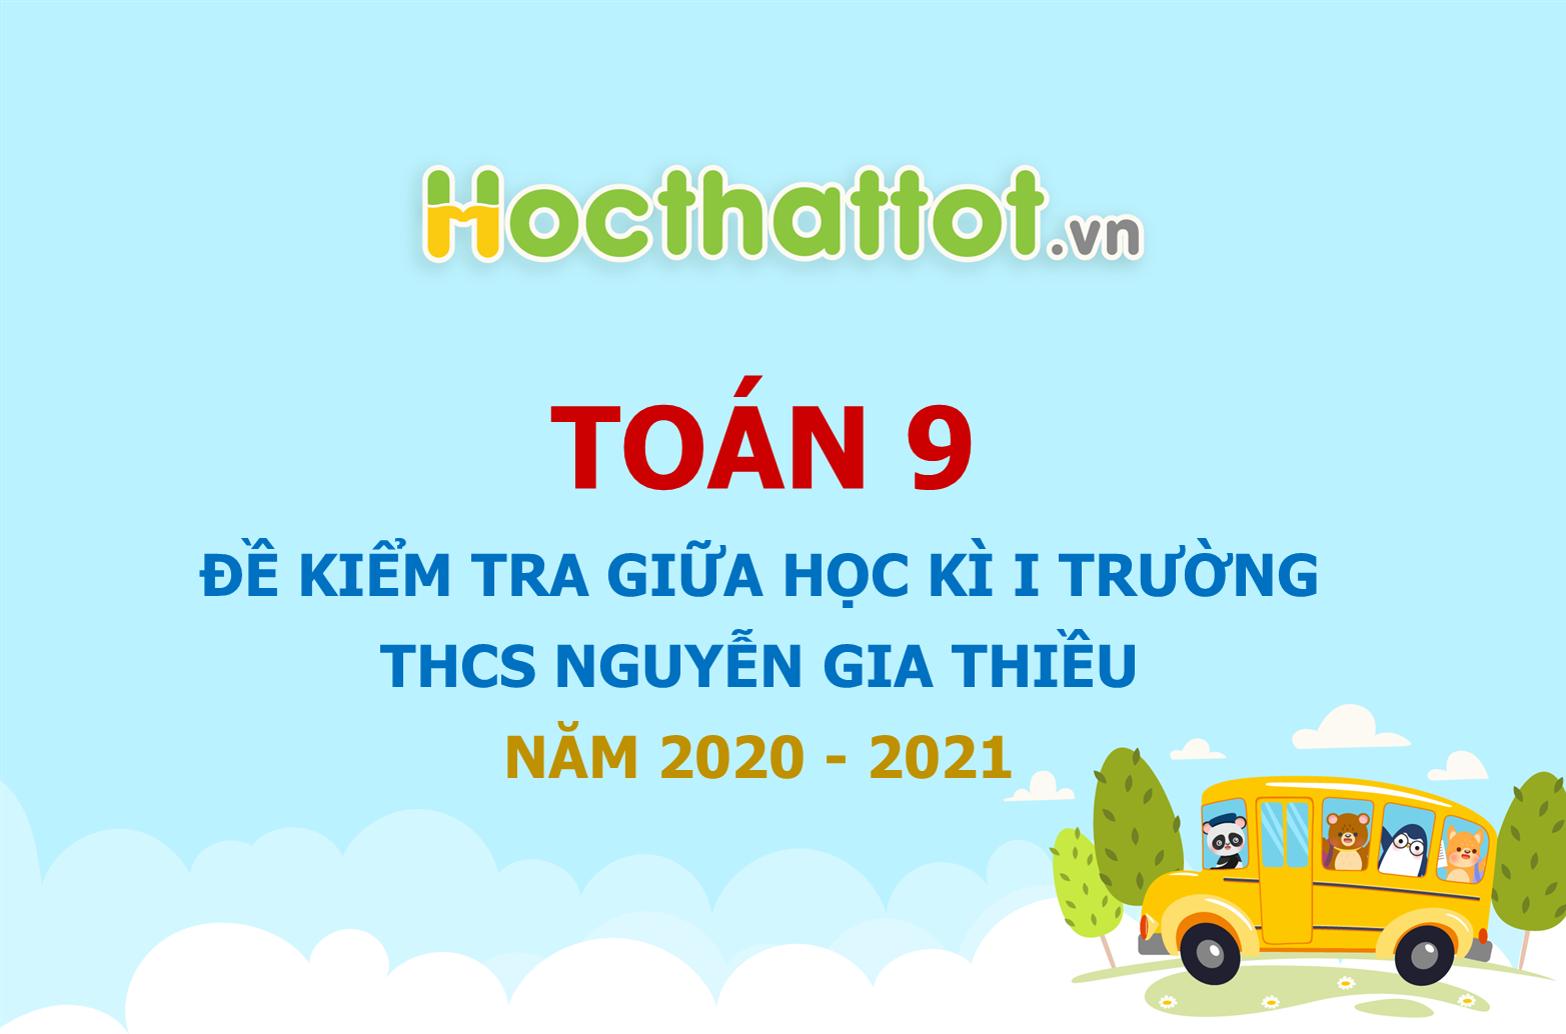 de-kiem-tra-giua-hoc-ki-1-truong-THCS-Nguyen-Gia-Thieu-nam-2020-2021.1.jpg